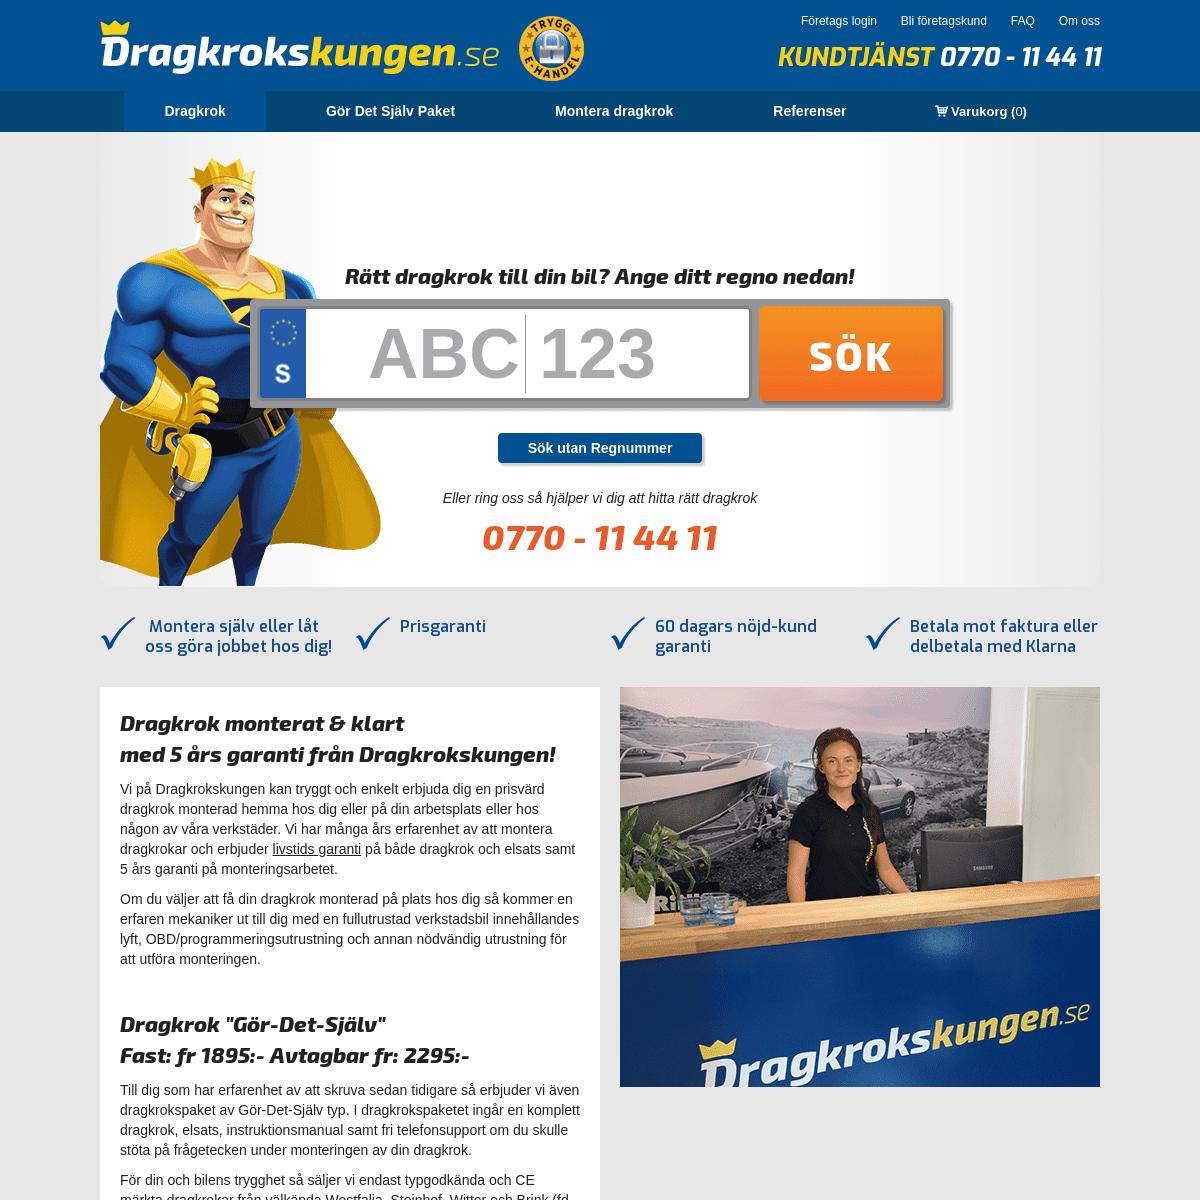 ArchiveBay.com - dragkrokskungen.se - Dragkrok inkl elsats fr 1.795-- Montering av dragkrokar fr 2.495--